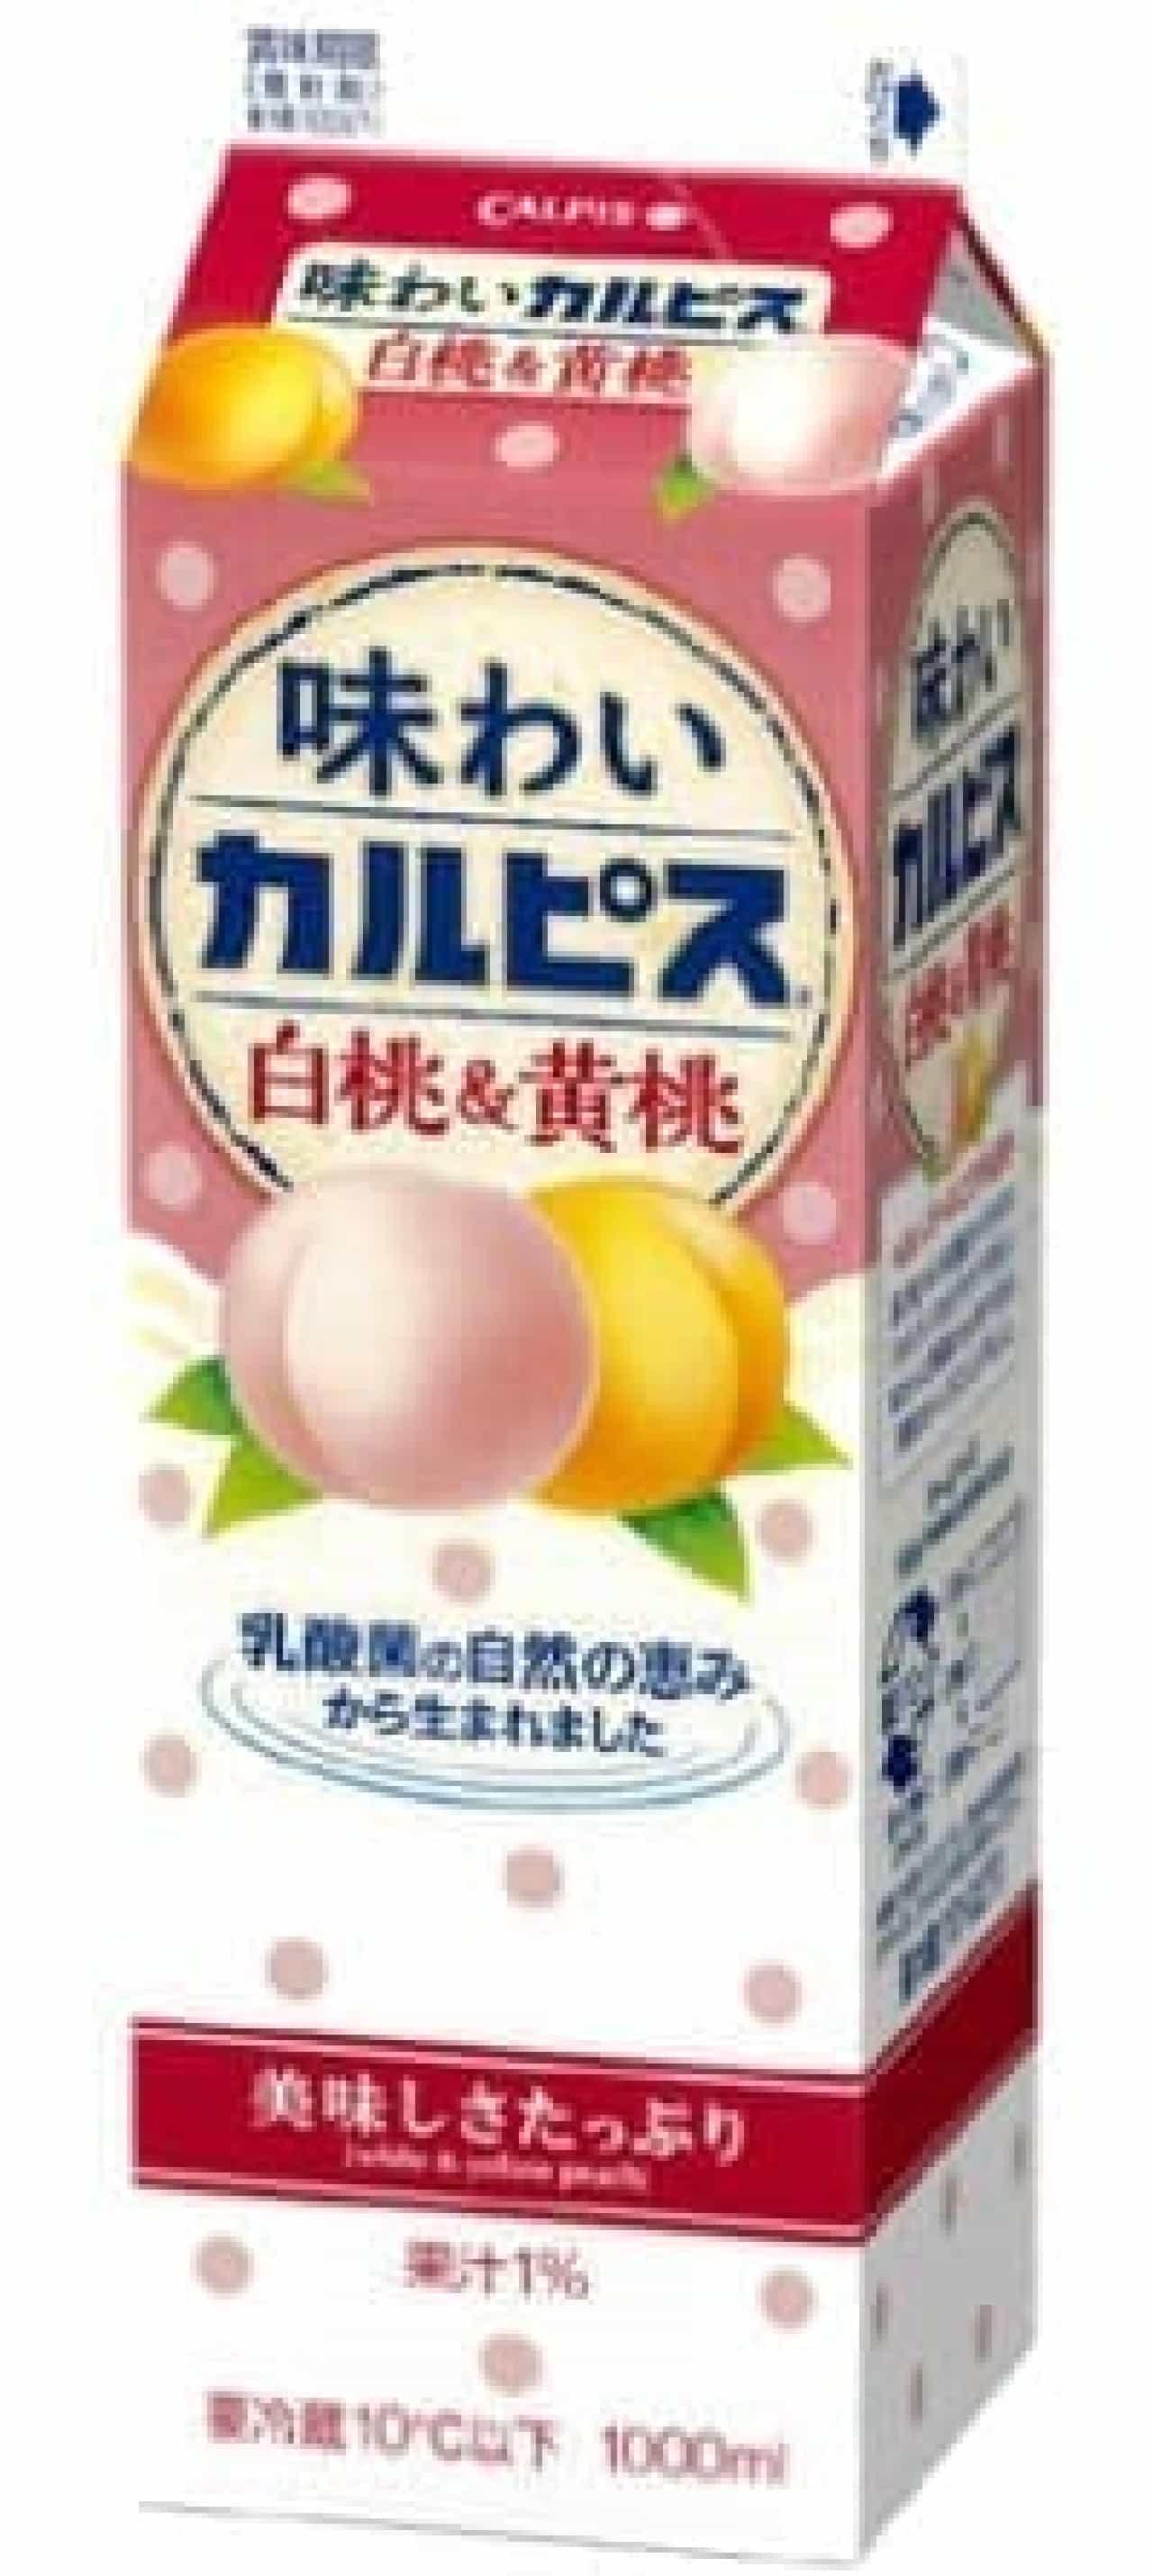 カルピスと桃は相性バツグン!